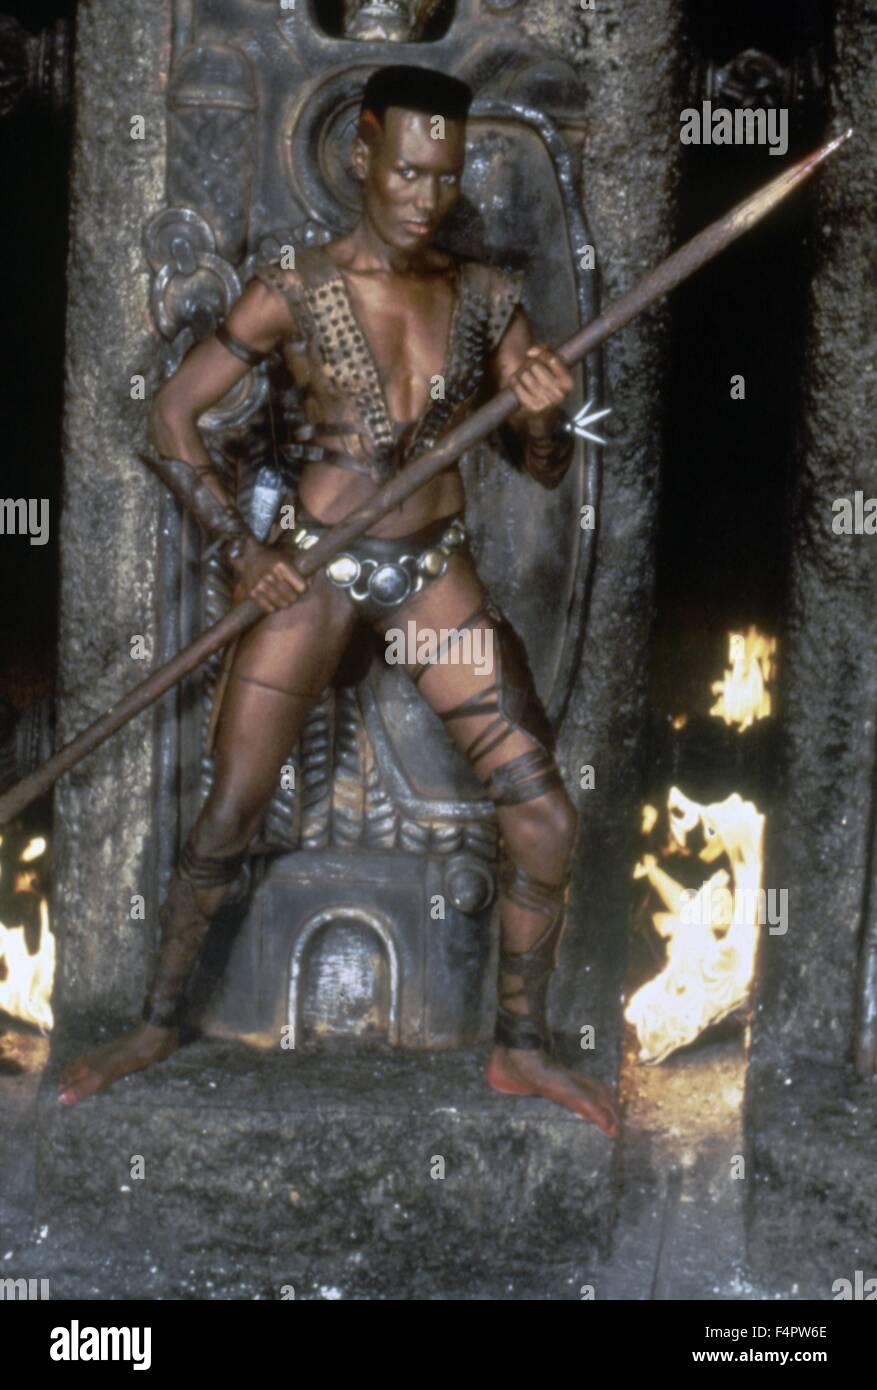 Grace Jones / Conan the Destroyer / 1984 directed by Richard Fleischer  [Dino De Laurentis / Universal Pi] - Stock Image